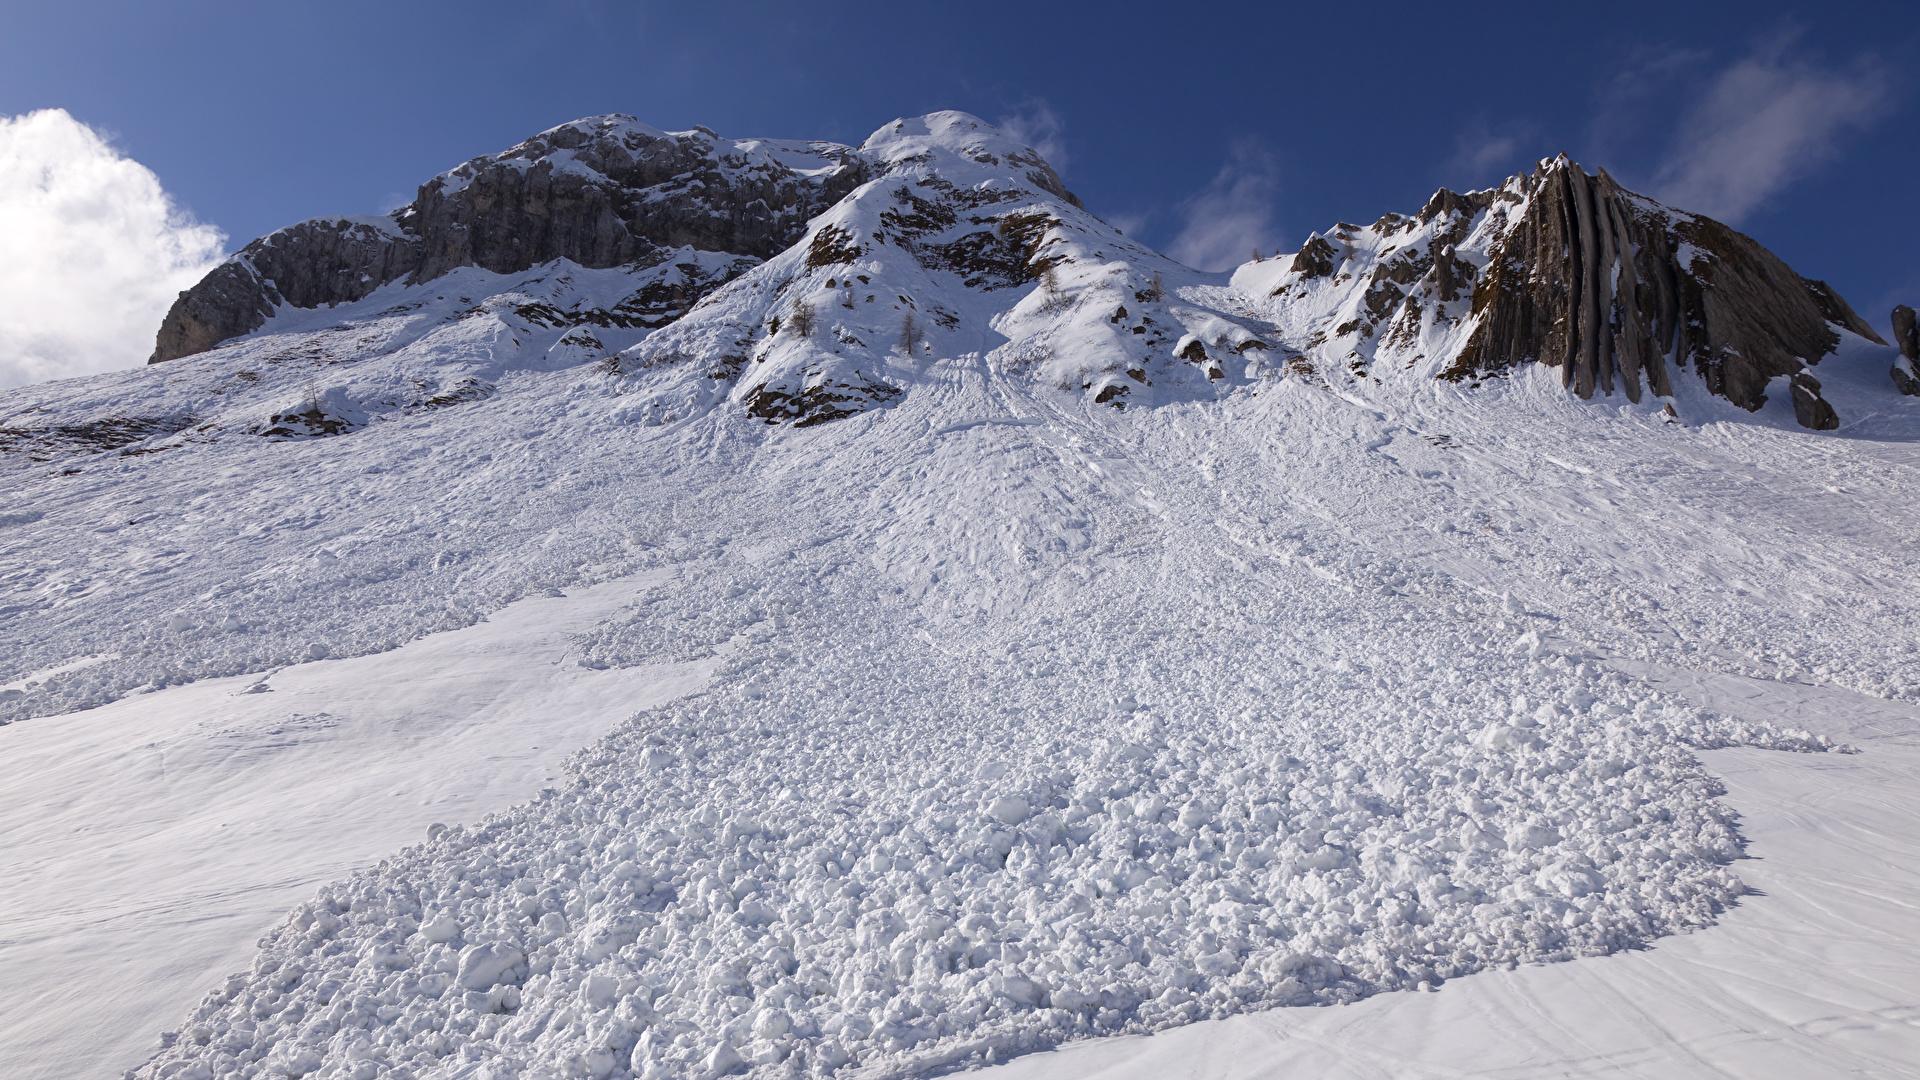 Sfondi Del Desktop Natura Inverno Montagna Neve 1920x1080